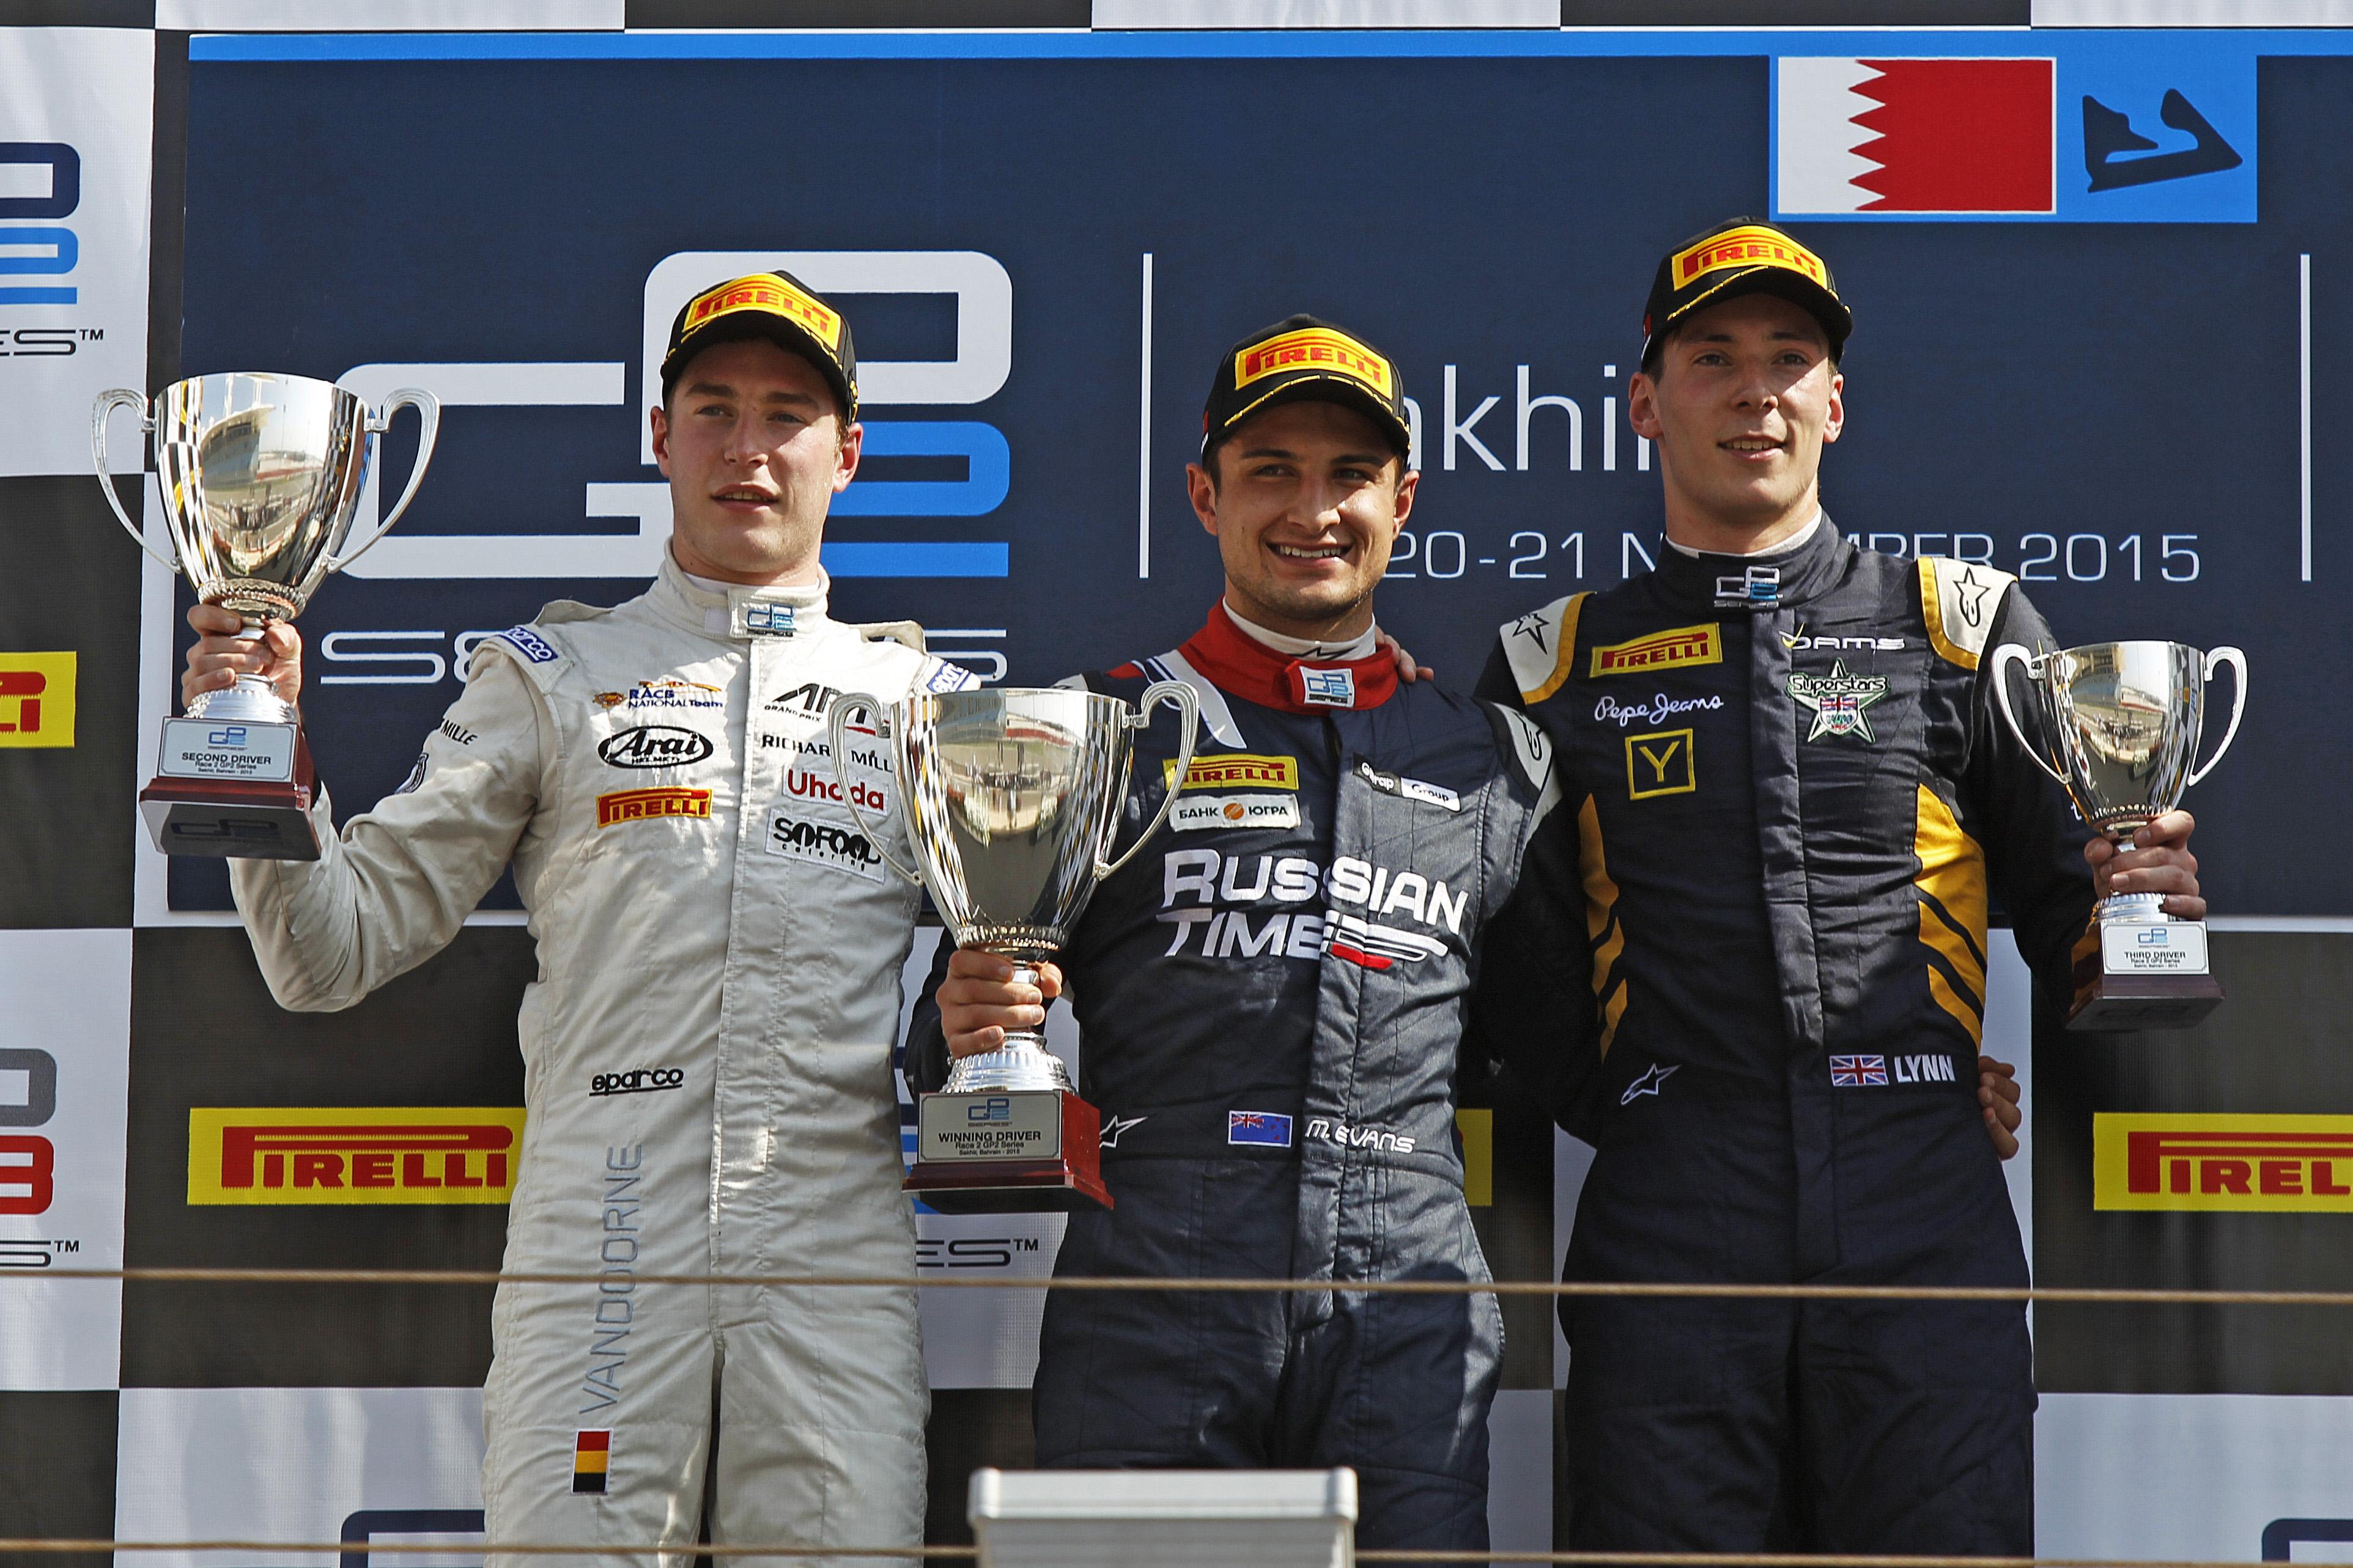 © GP2 Media Service - Mitch Evans remporte sa seconde victoire de la saison